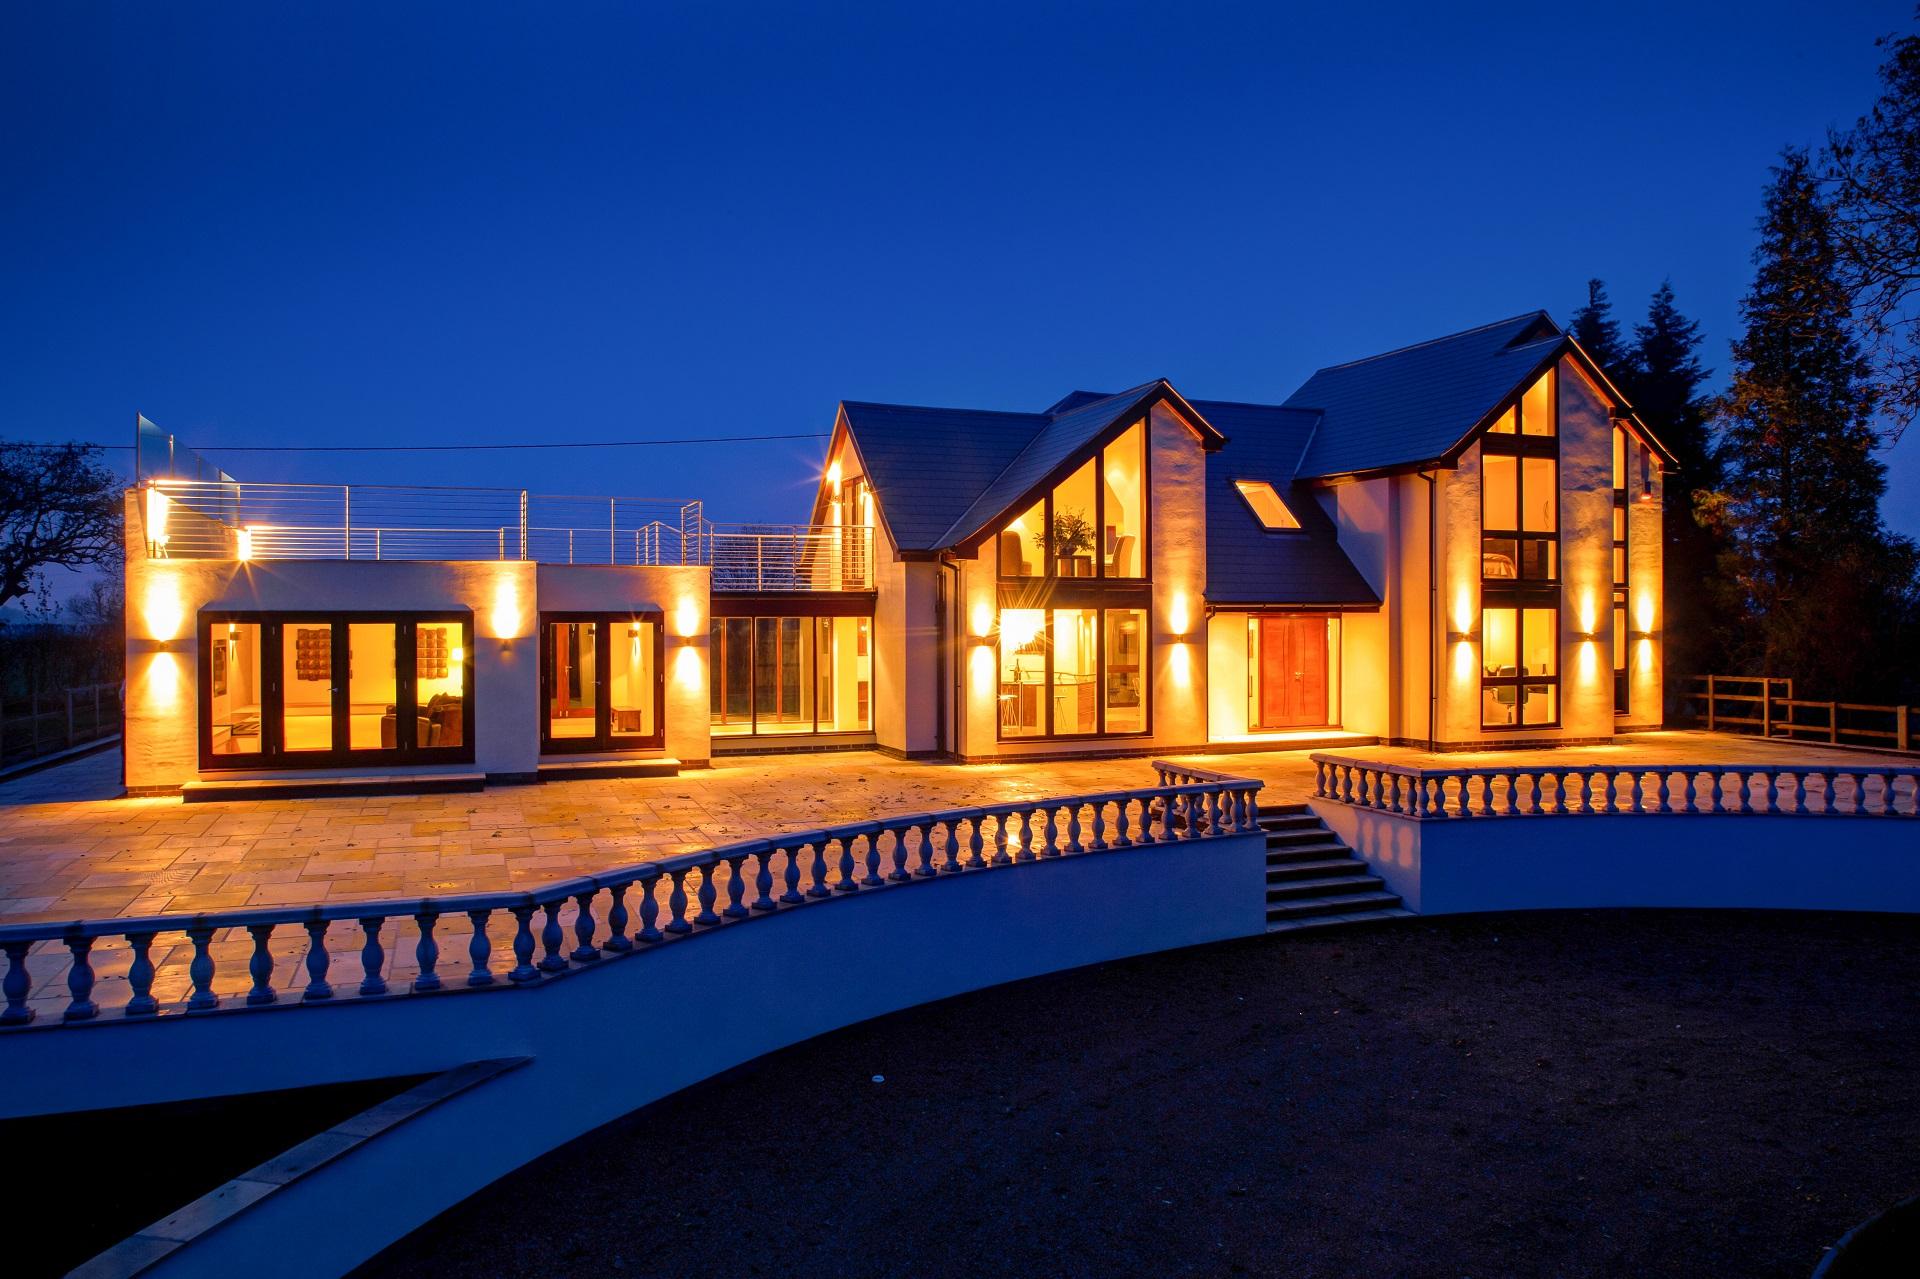 fern hill nottingham, bespoke home, luxury, outdoor lighting